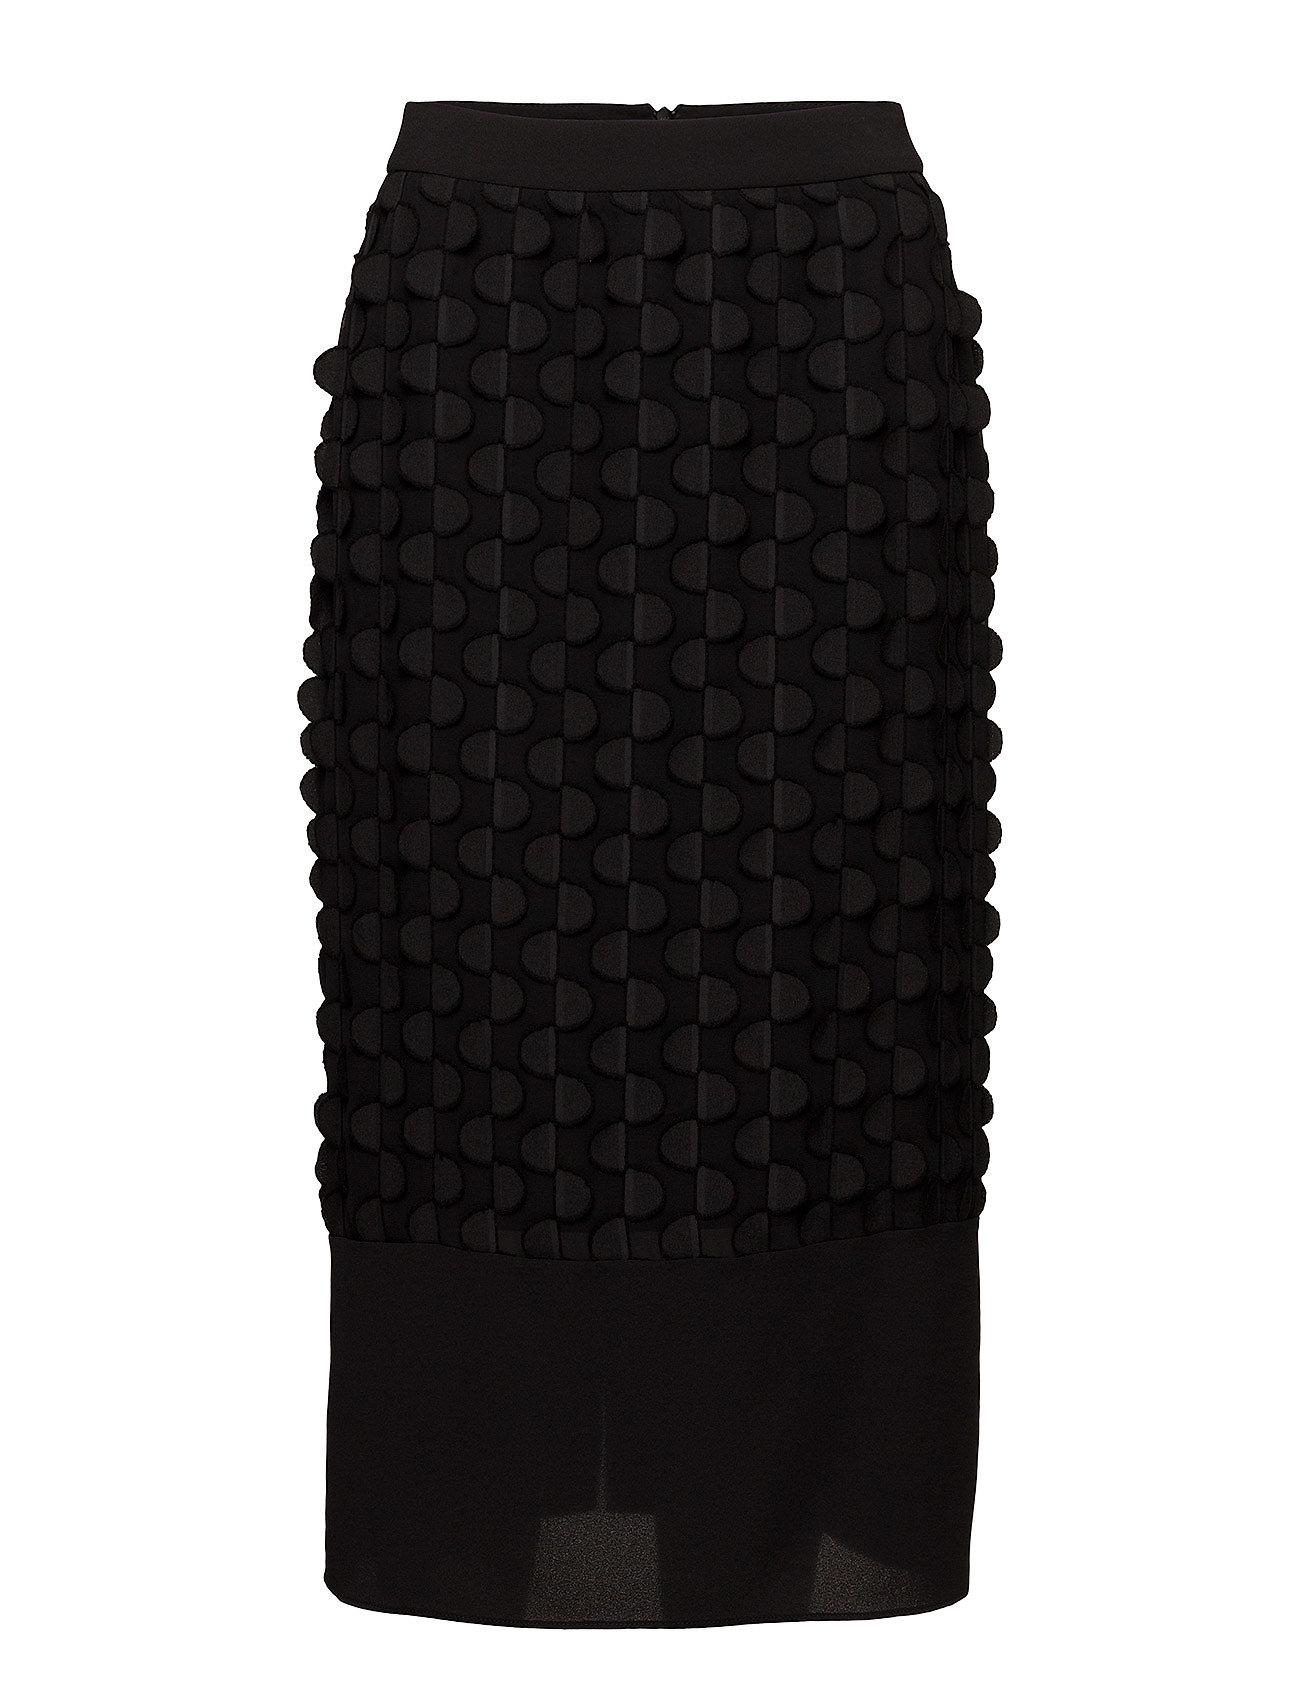 76e0dd685cd Moloo (Black) (137.40 €) - BOSS Business Wear -